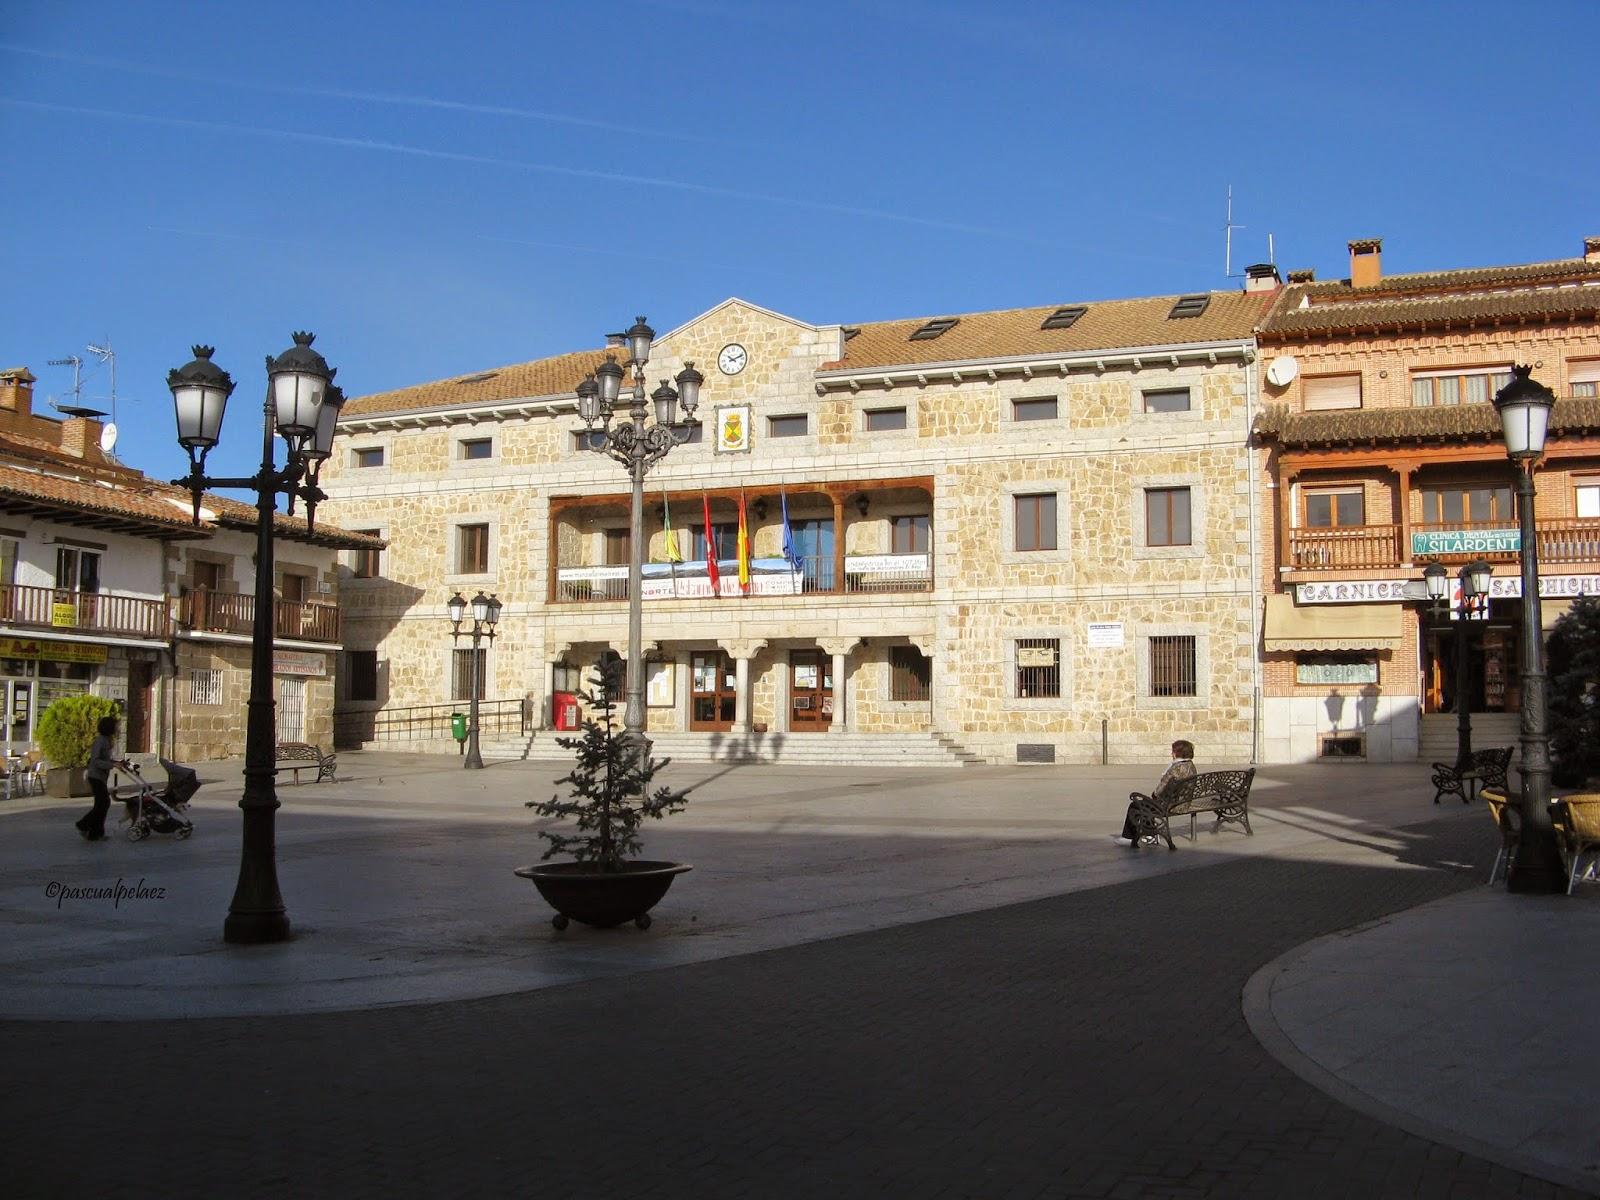 Rincones ibericos manzanares el real comunidad de madrid - Polideportivo manzanares el real ...